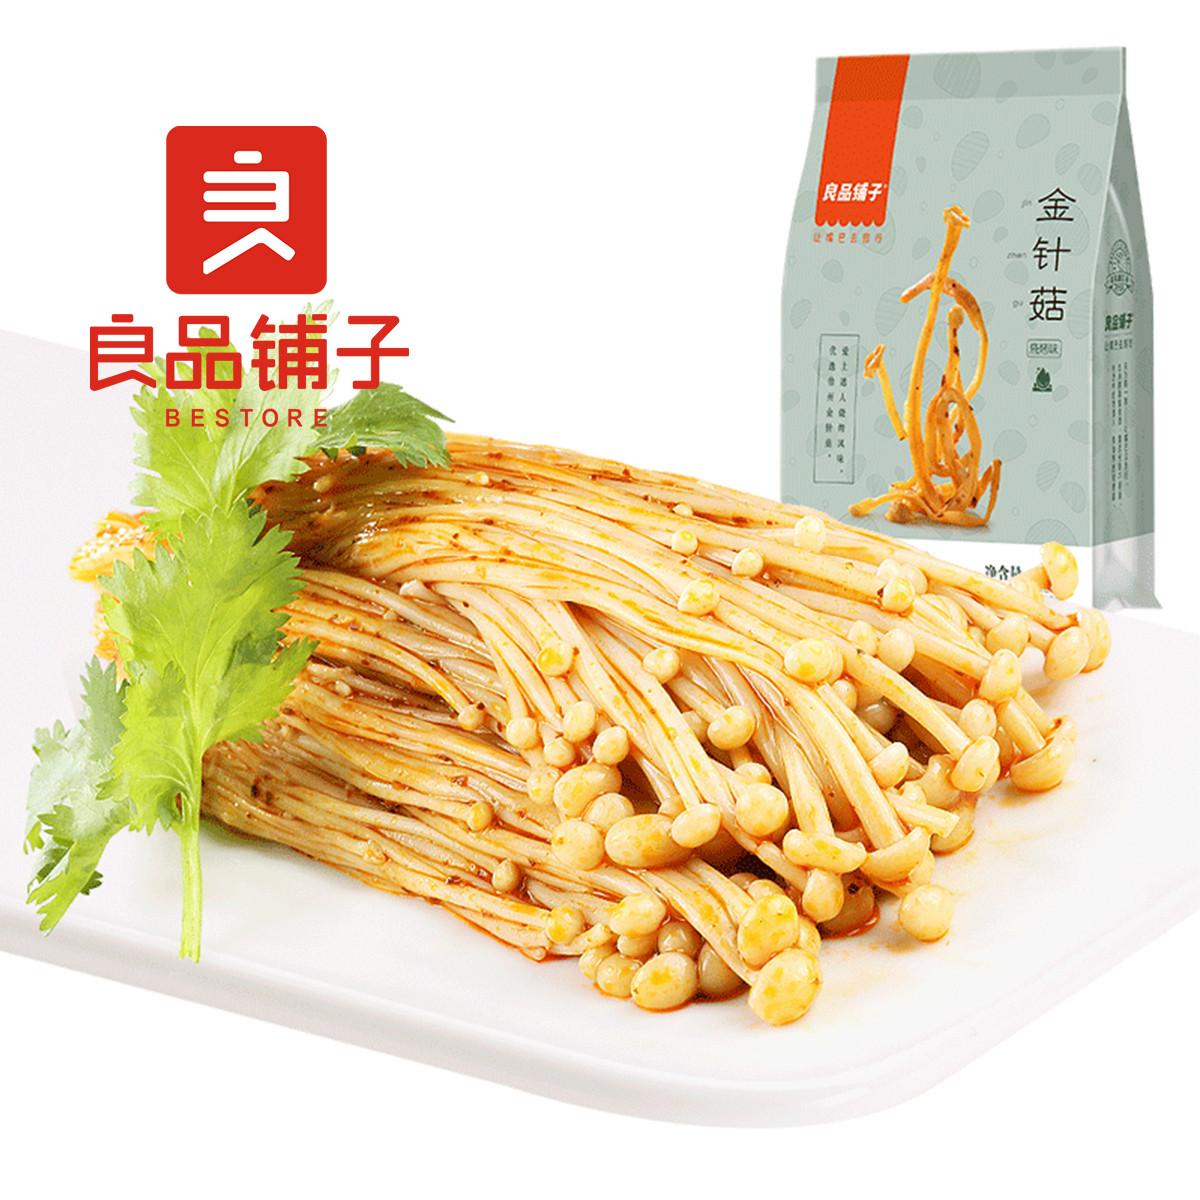 良品铺子金针菇(烧烤味)188gx1袋海鲜零食即食扇贝肉小吃COLOR其它颜色